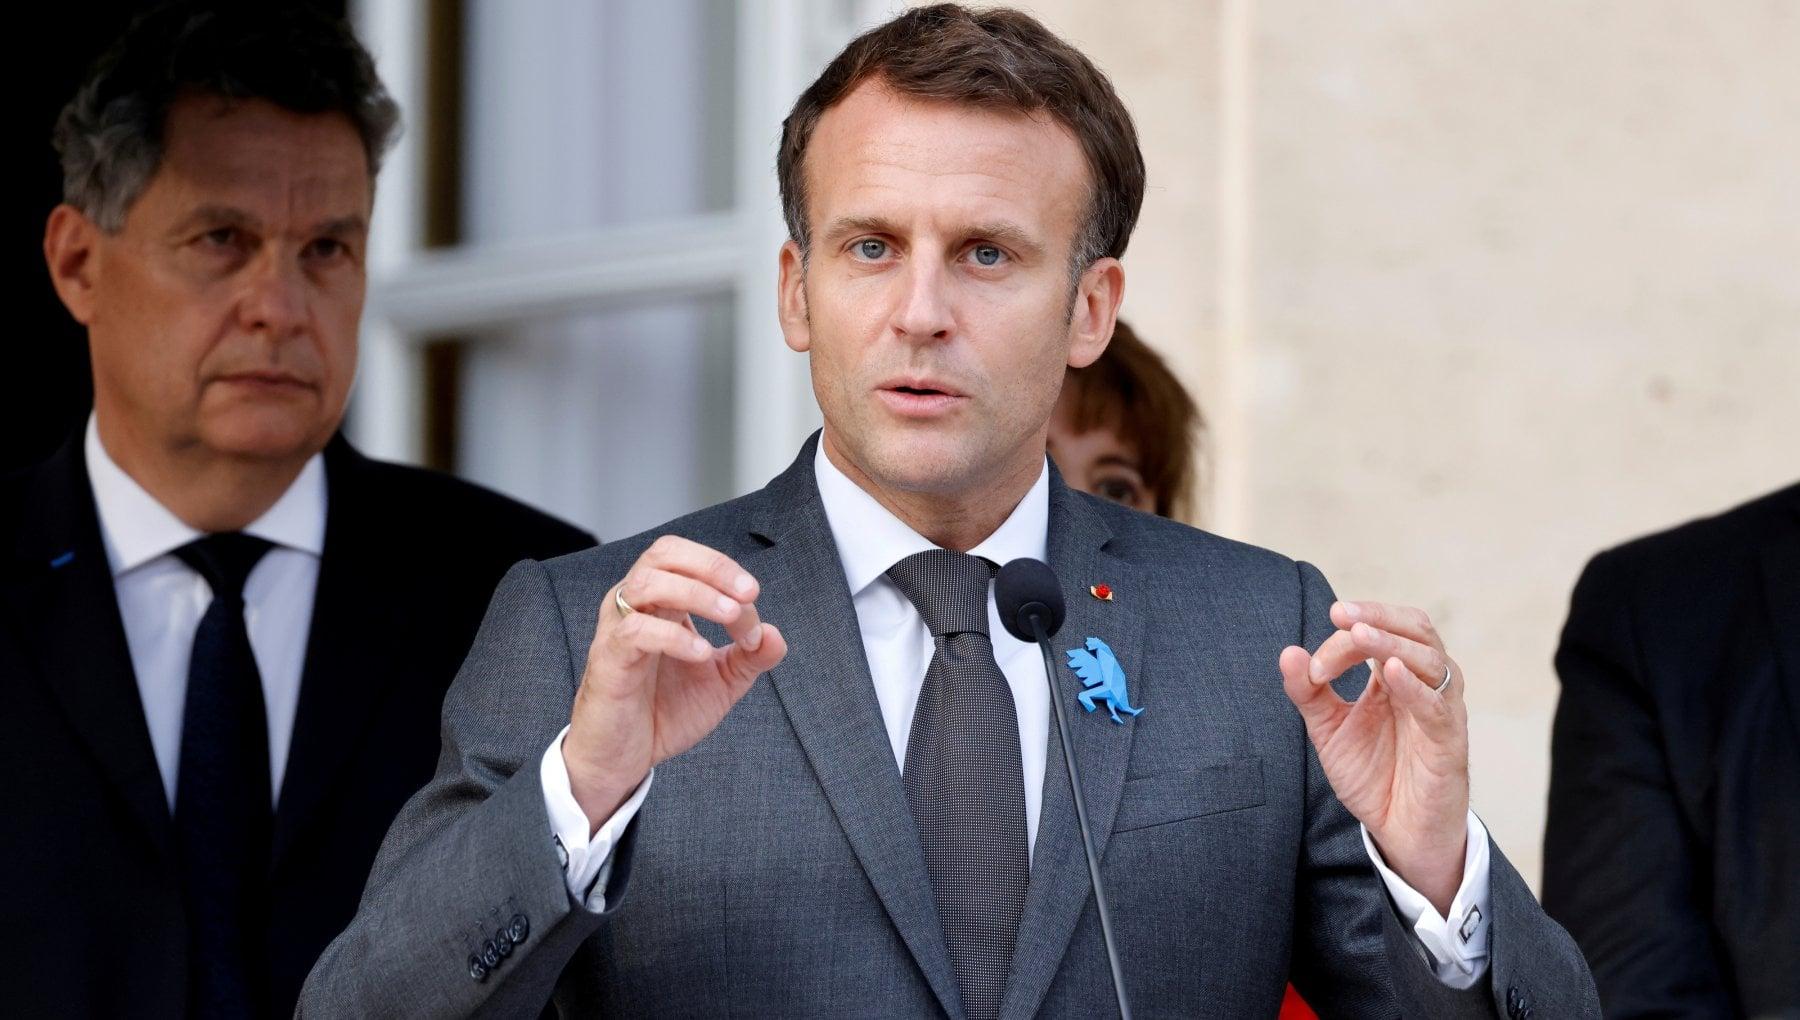 215955716 0464eae3 99fc 492e bce3 43198298ee9b - E adesso in Francia è corsa a immunizzarsi. Così l'Europa si blinda